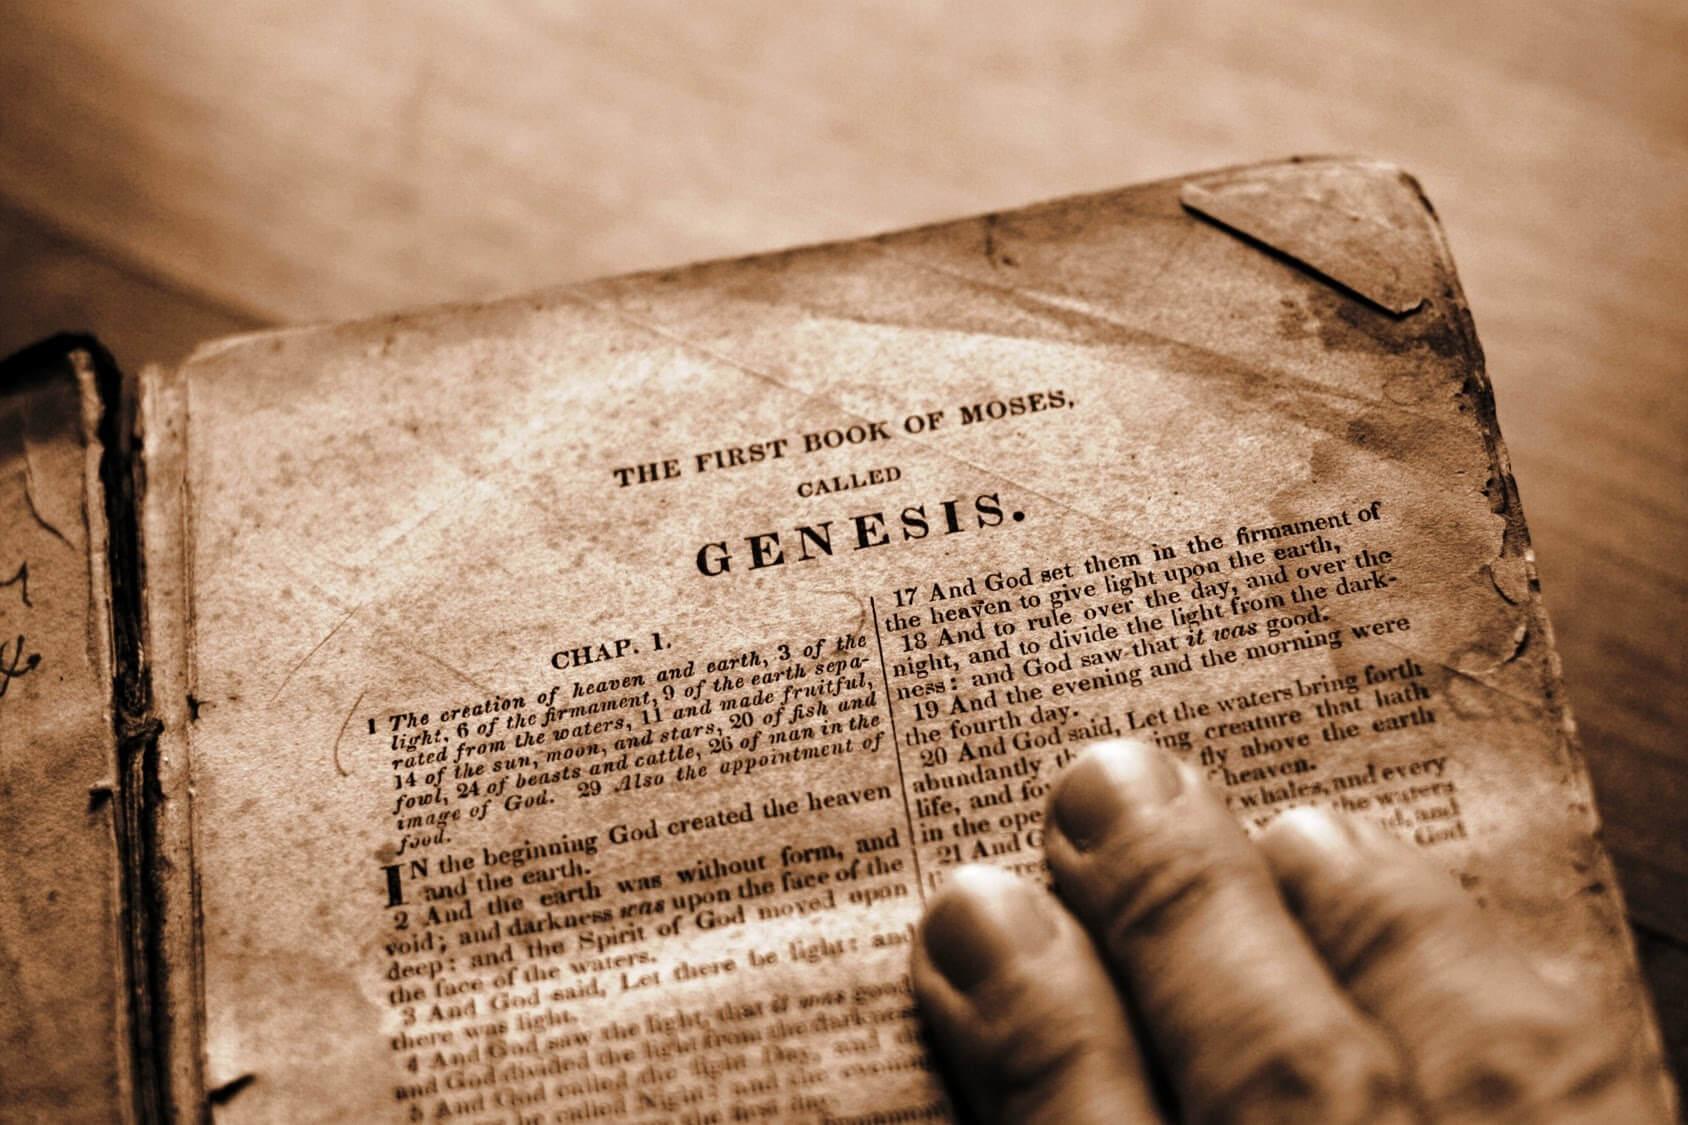 Passado, esqueça-o – Gênesis 41:51,52